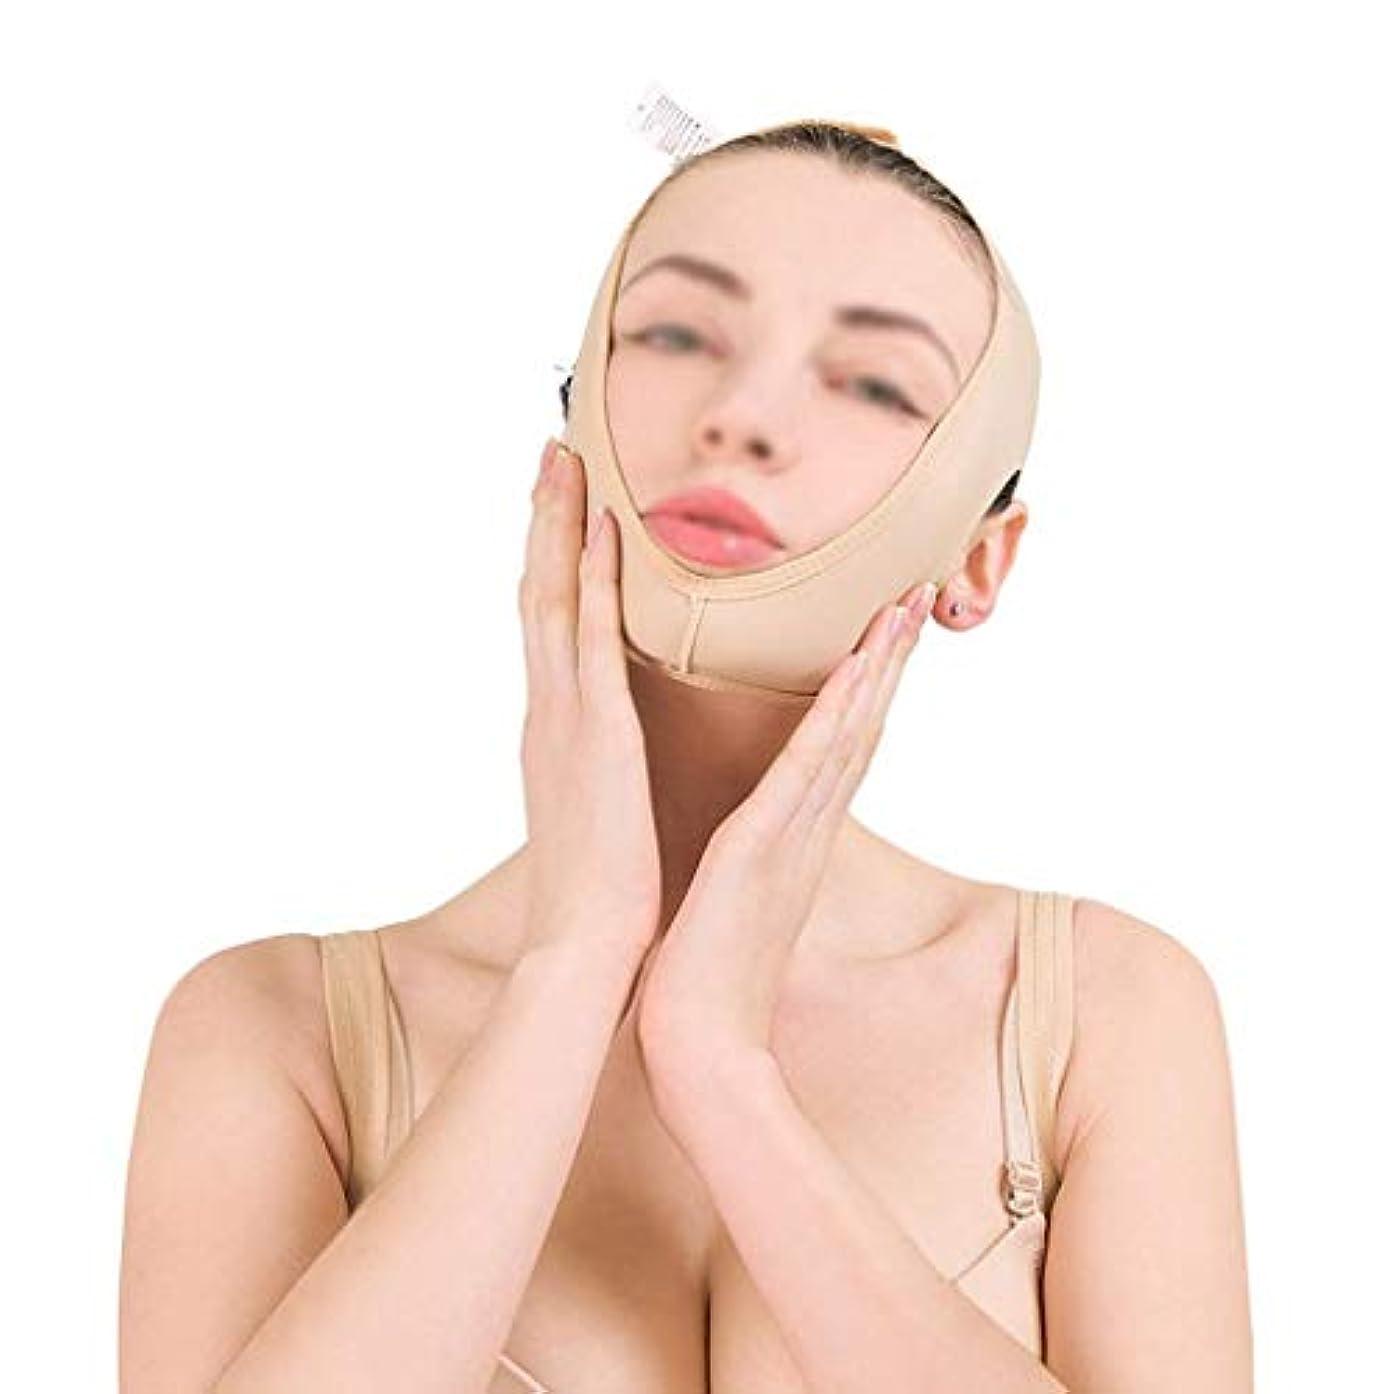 再集計操縦する小売マスク減量、肌の包帯を引き締めるリフティングフェイスバンド、フェイスリフティング、ダブルチンビューティバンデージ、フェイスリフト(サイズ:L),XL